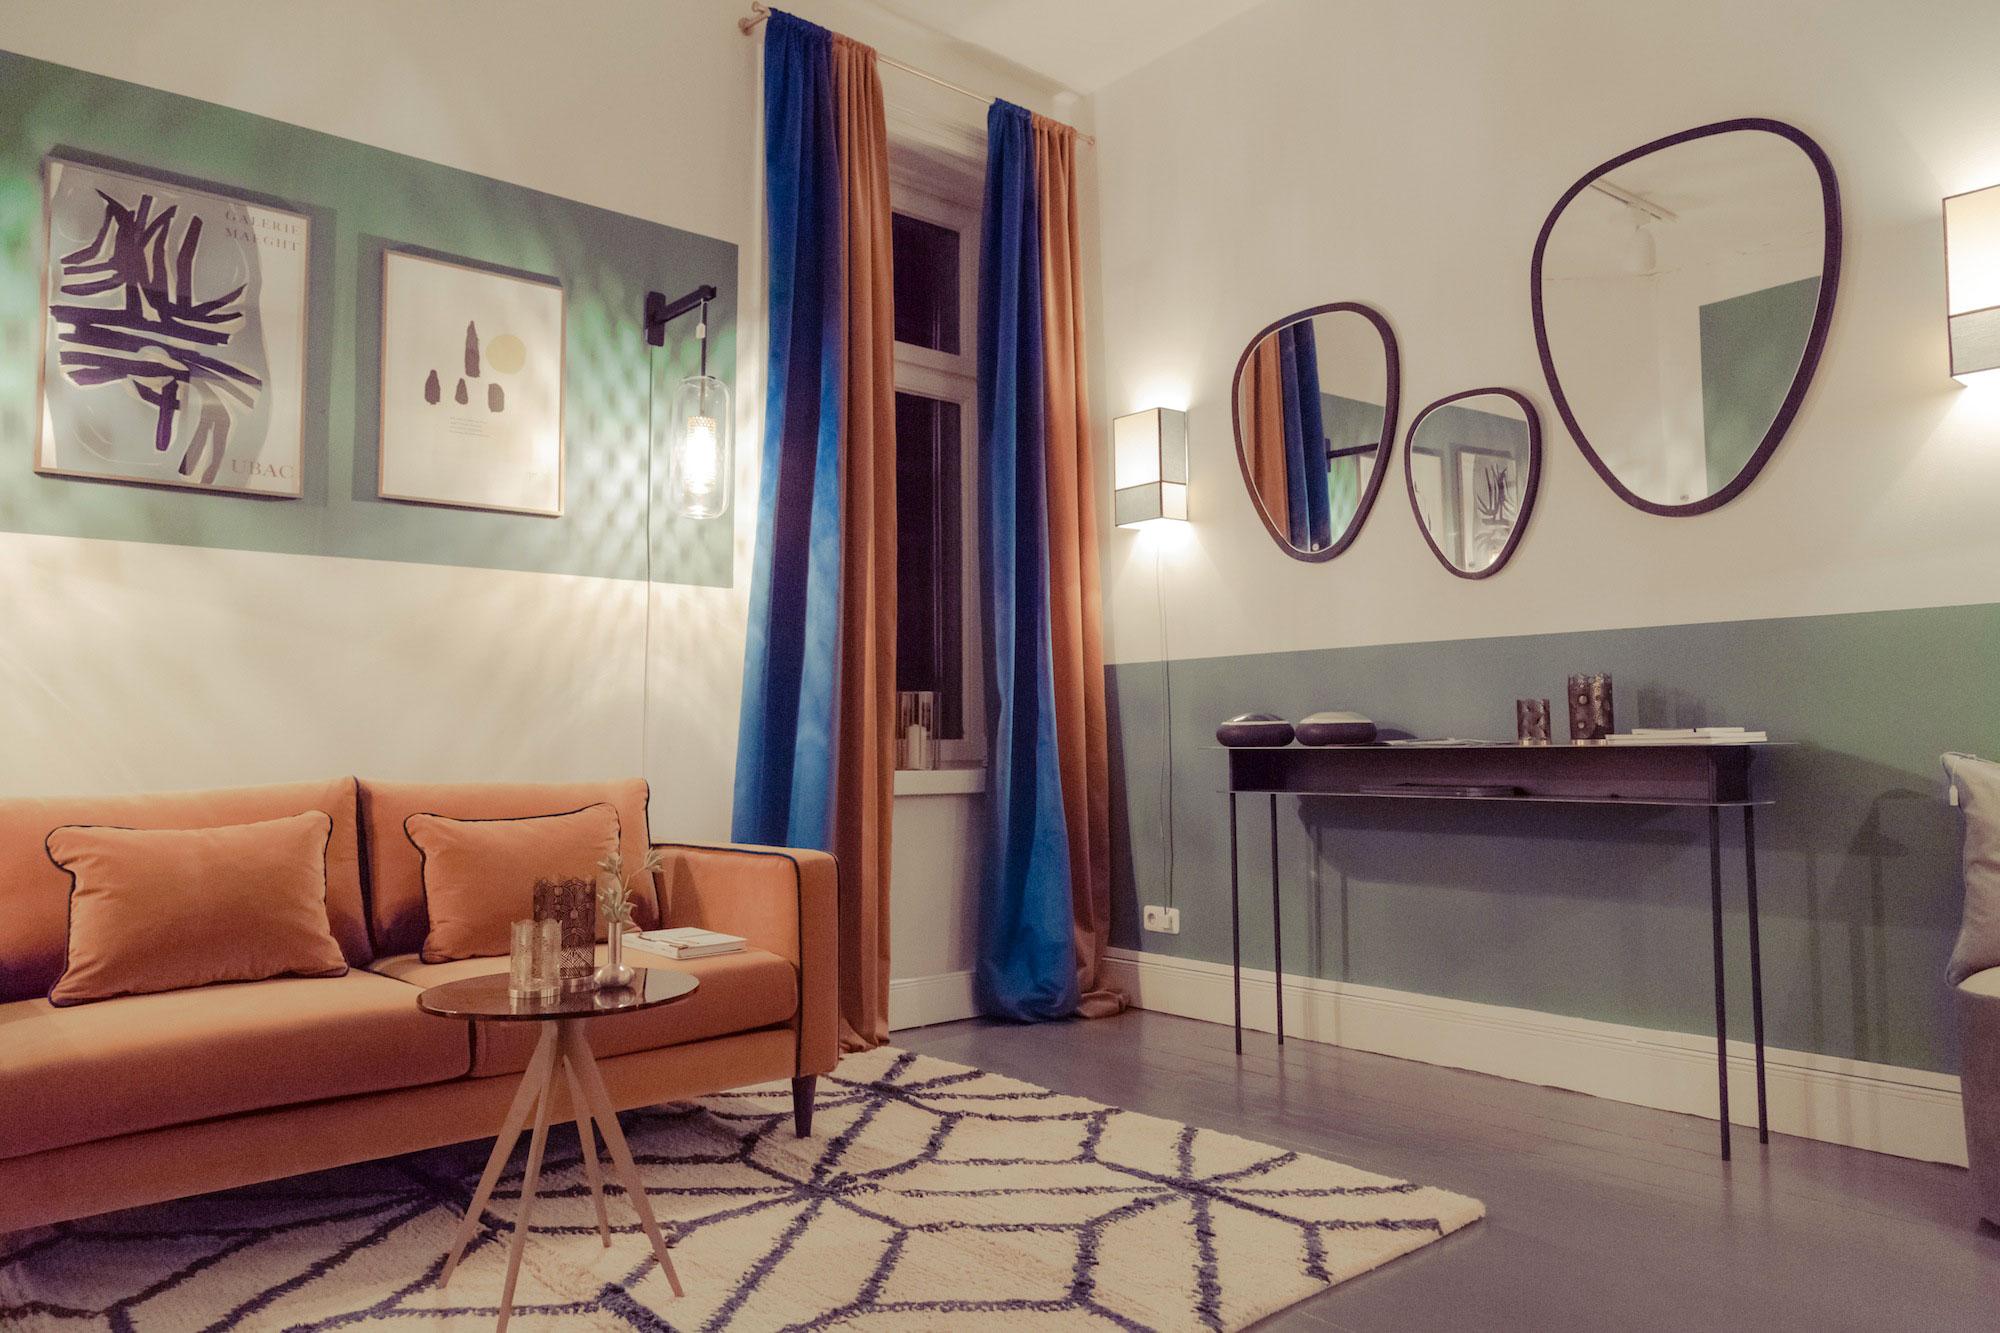 journelles bon voyage 16 journelles. Black Bedroom Furniture Sets. Home Design Ideas